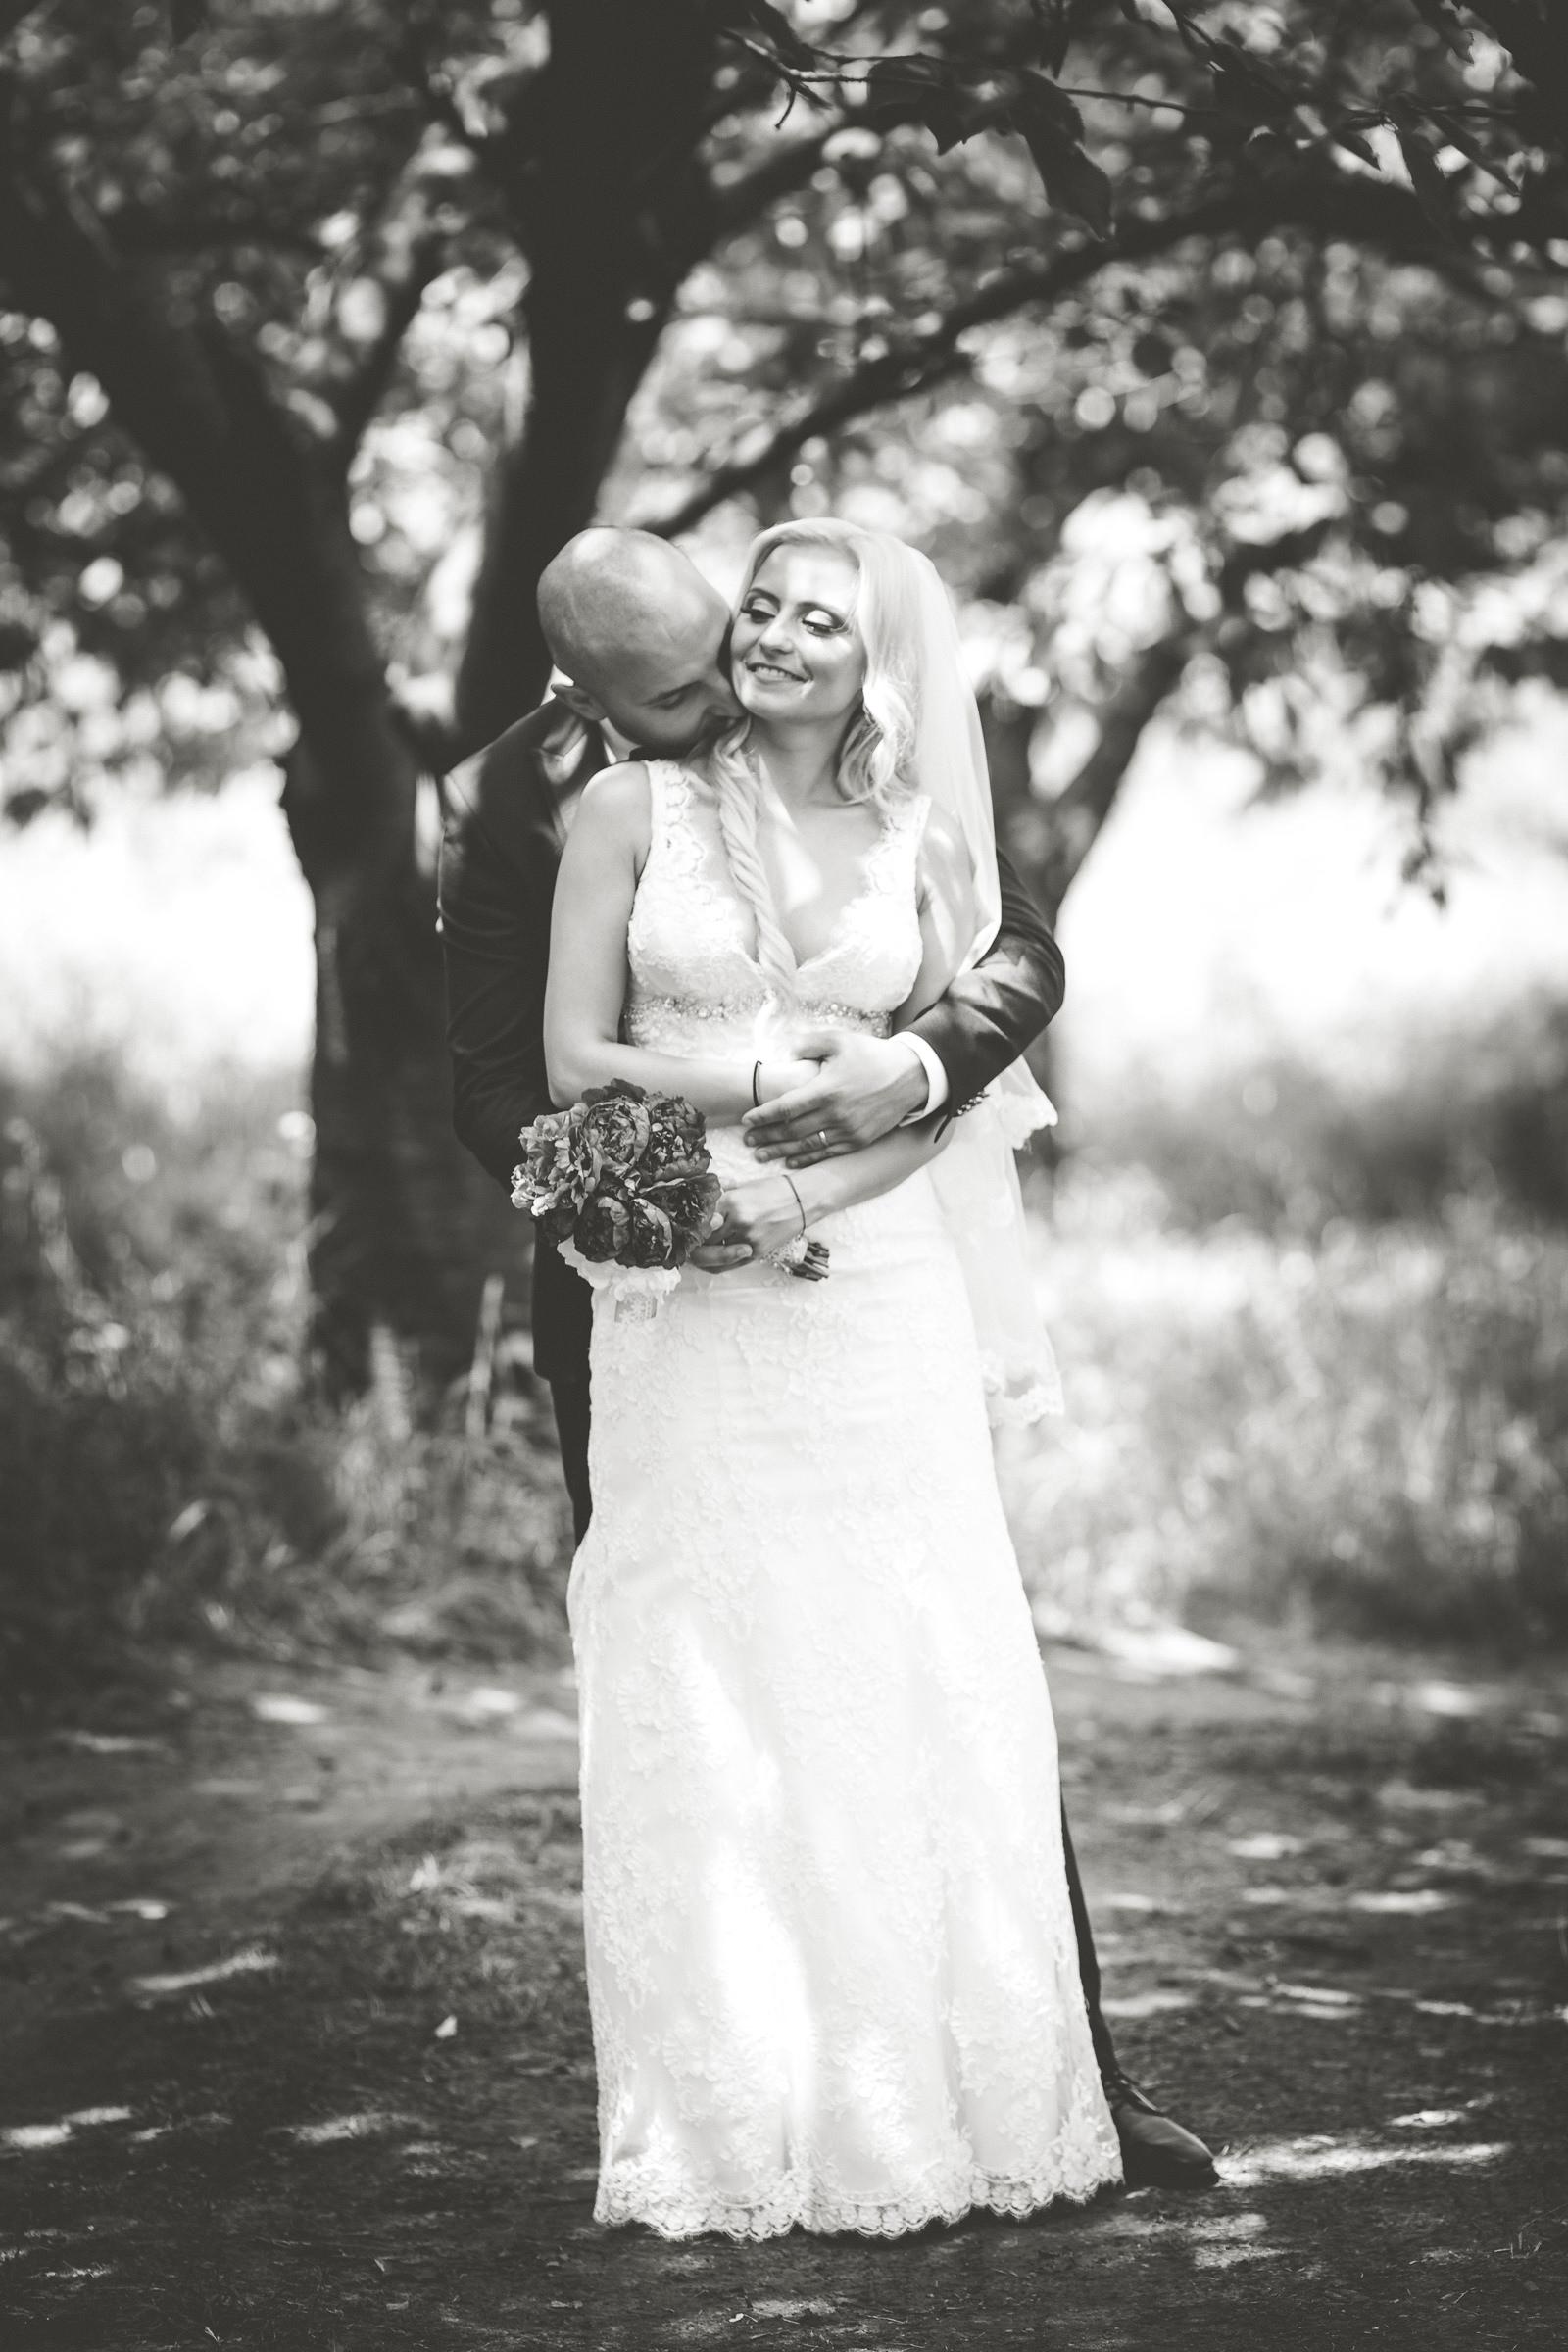 sedinta foto nunta cluj